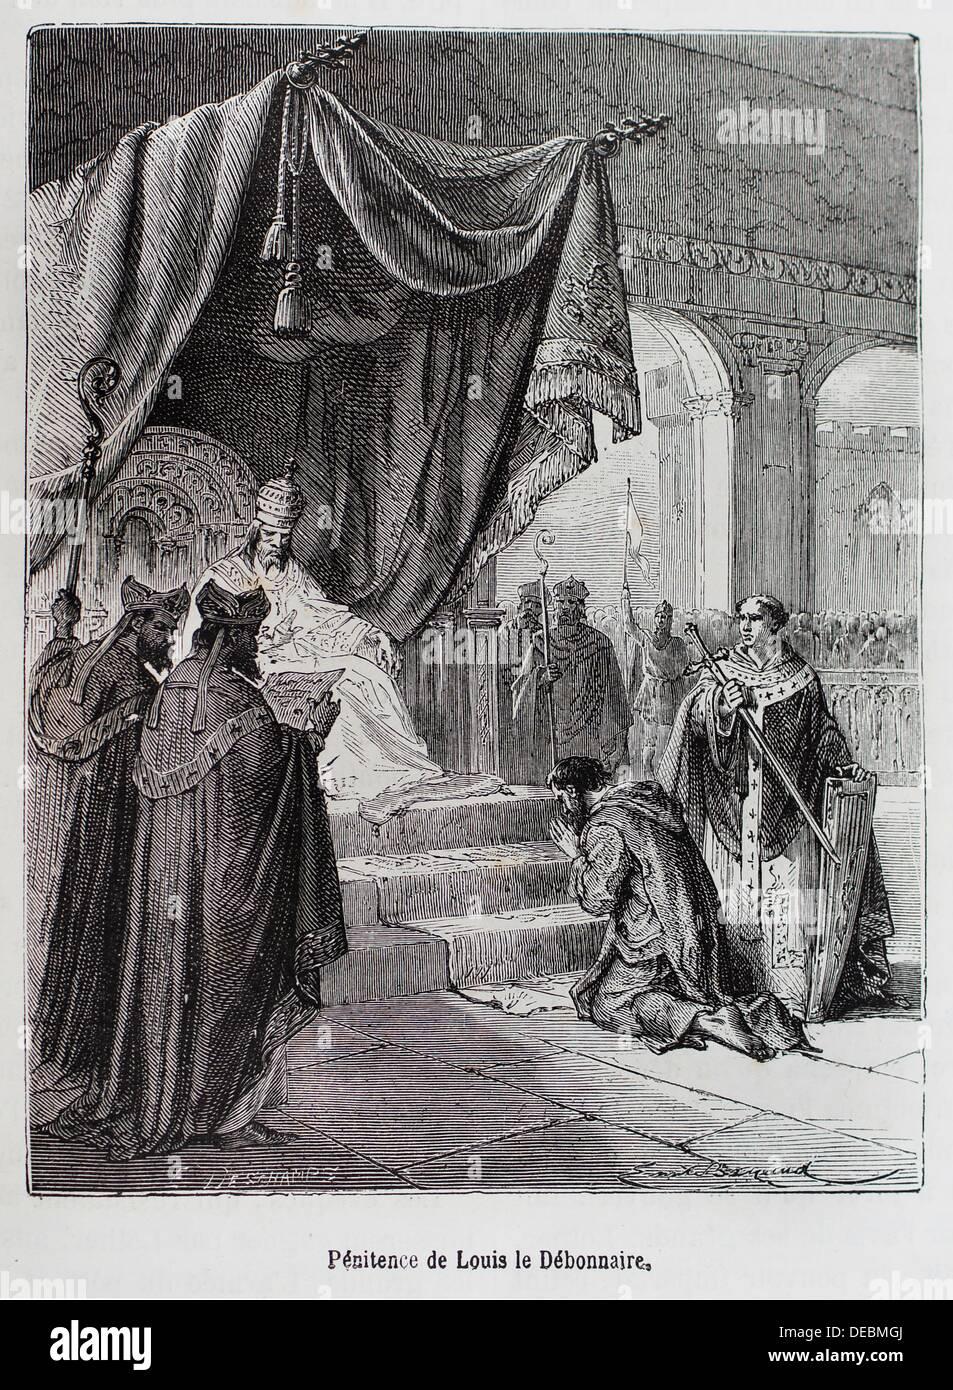 France-History- ´ Pénitence de Louis le Débonnaire ´-Louis the Pious 778 – 20 June 840, also called the Fair, and Stock Photo